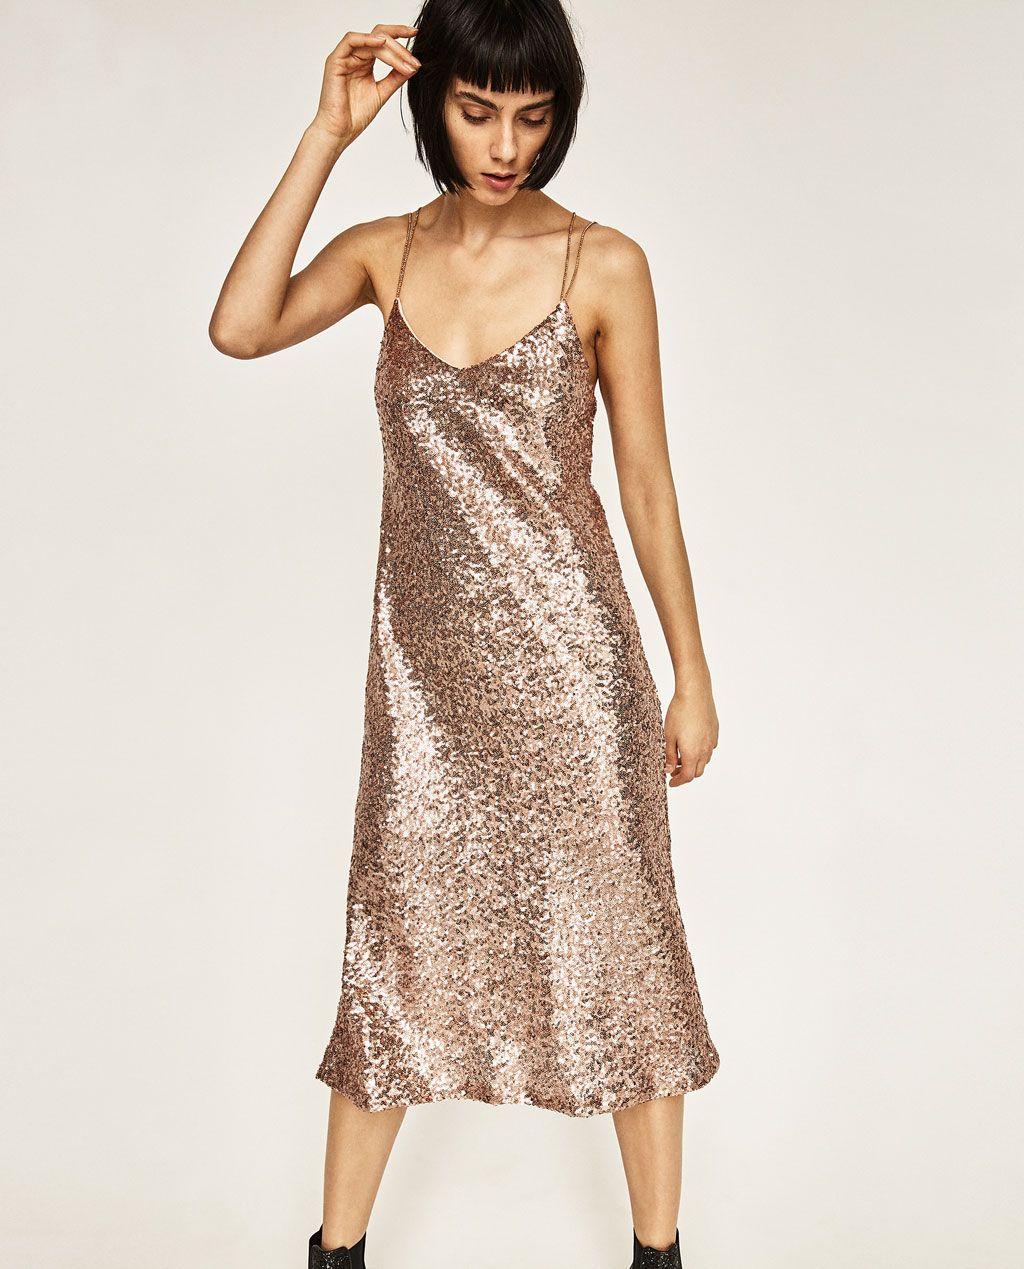 2c8761e0 VESTIDO LARGO LENTEJUELAS | DRESS UP | Zara dresses, Dresses, Sequin ...